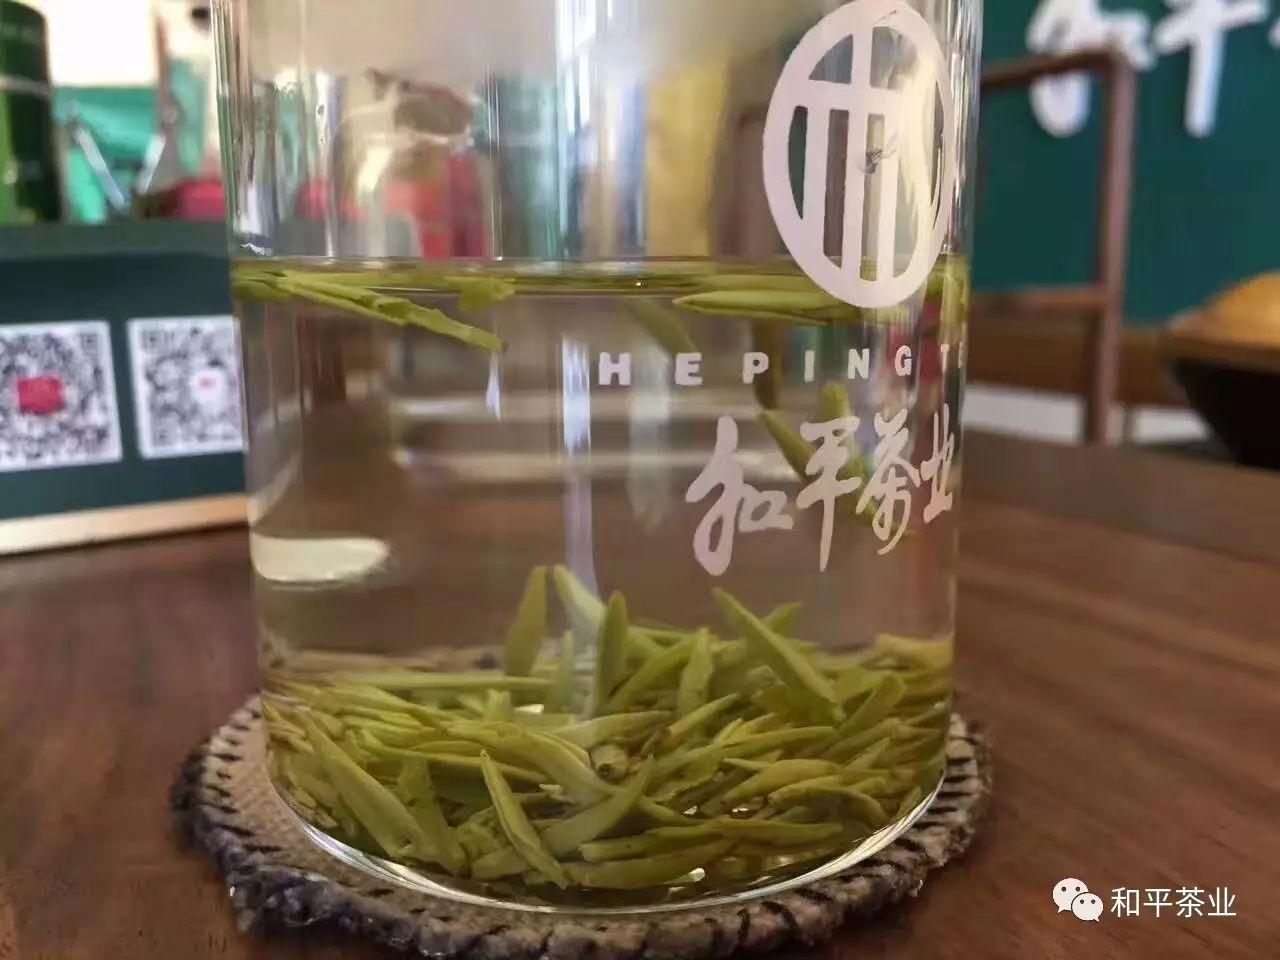 紫陽富硒茶和平翠峰